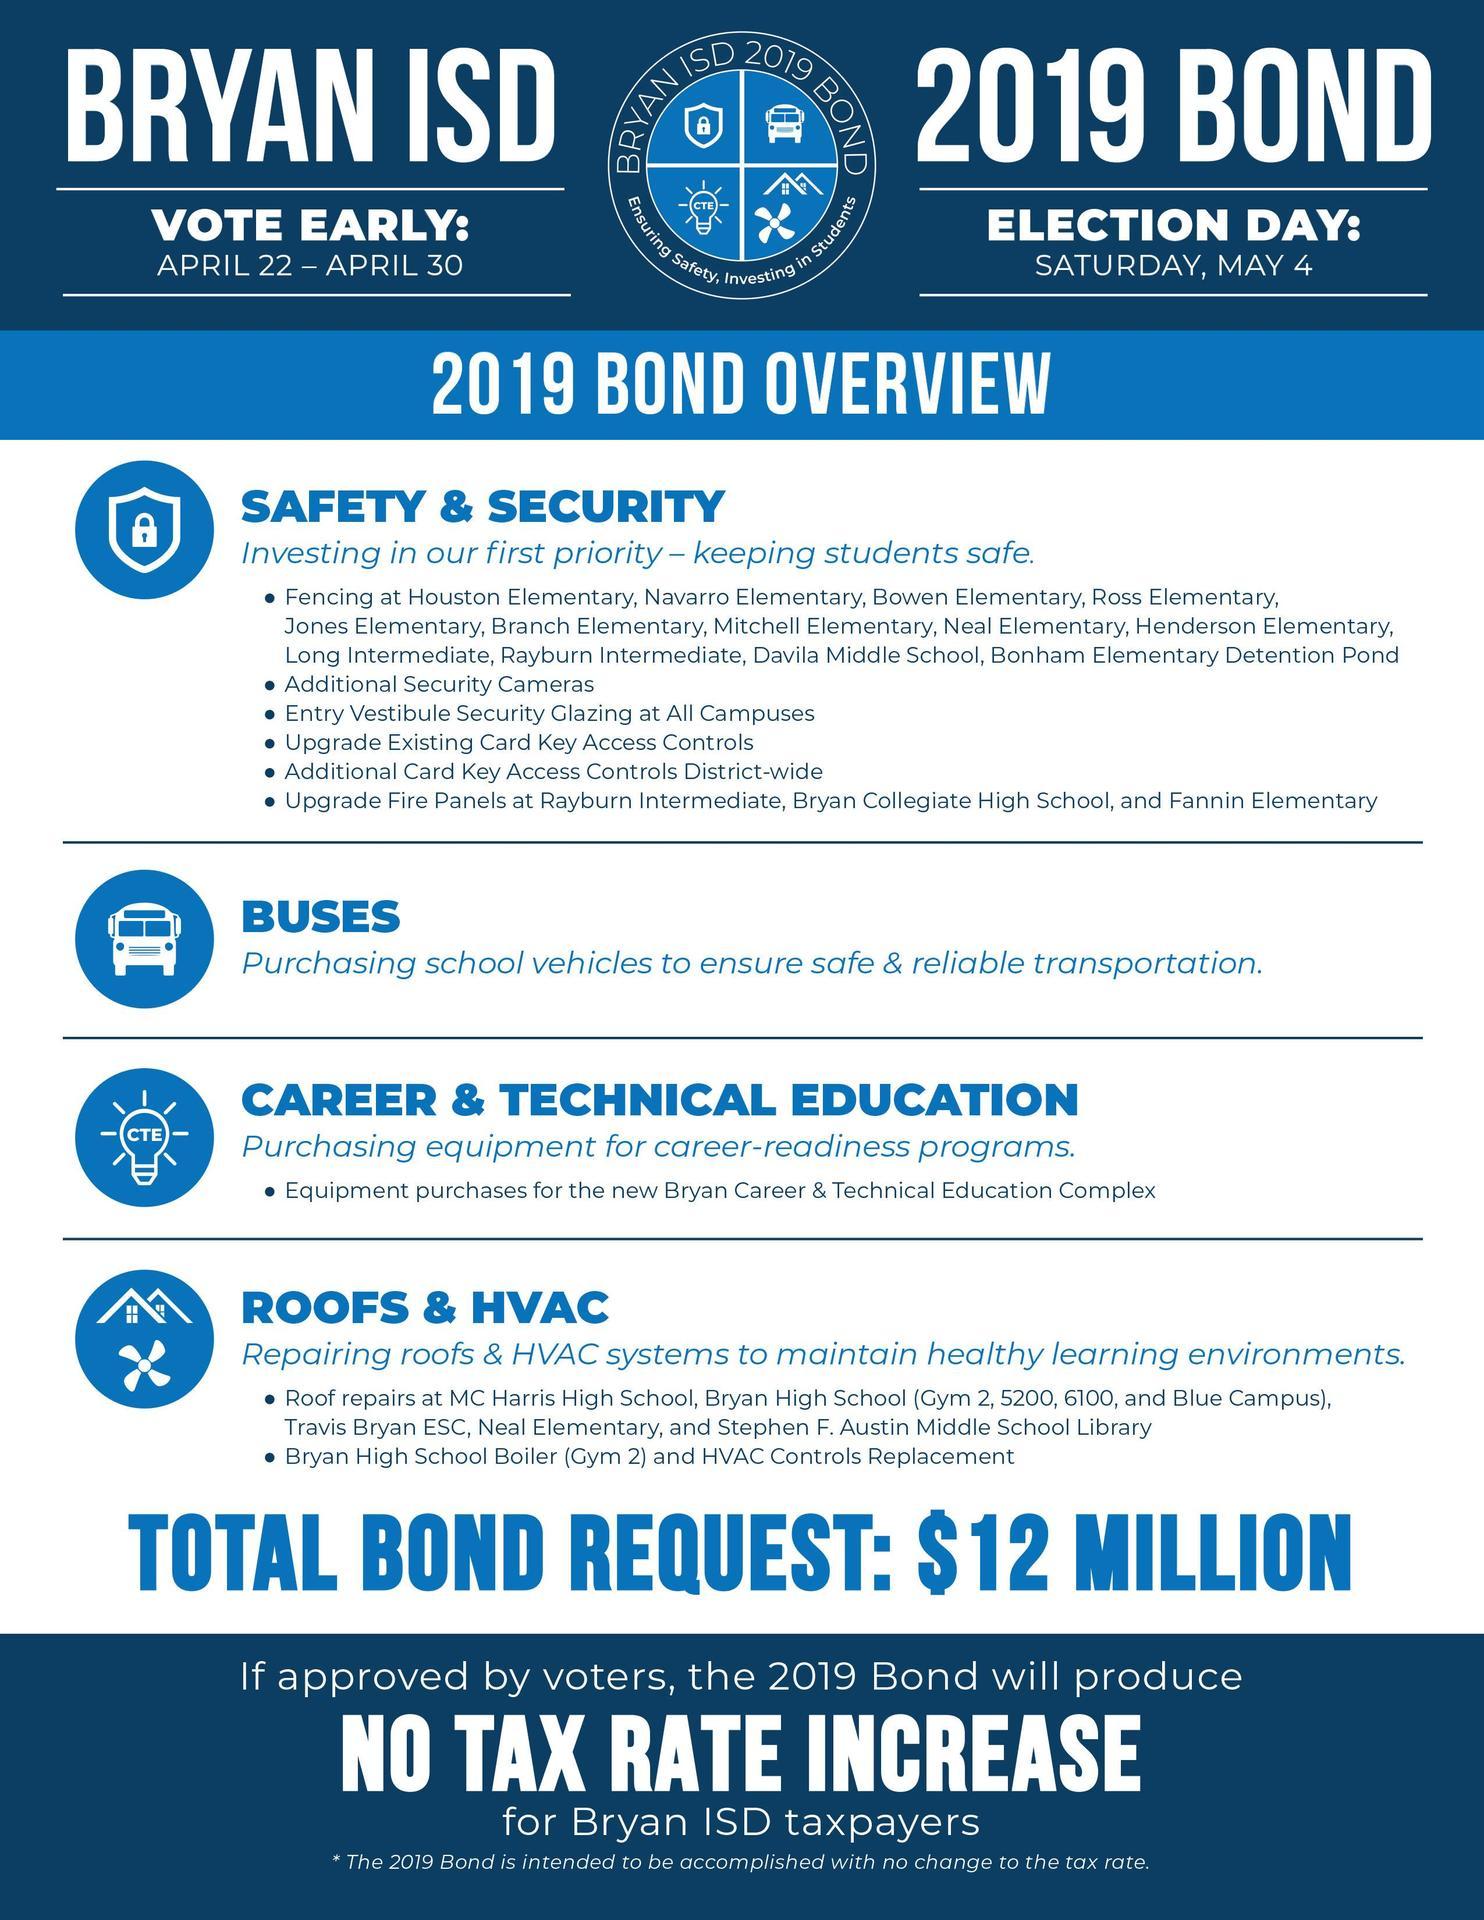 Bryan ISD 2019 Bond Factsheet